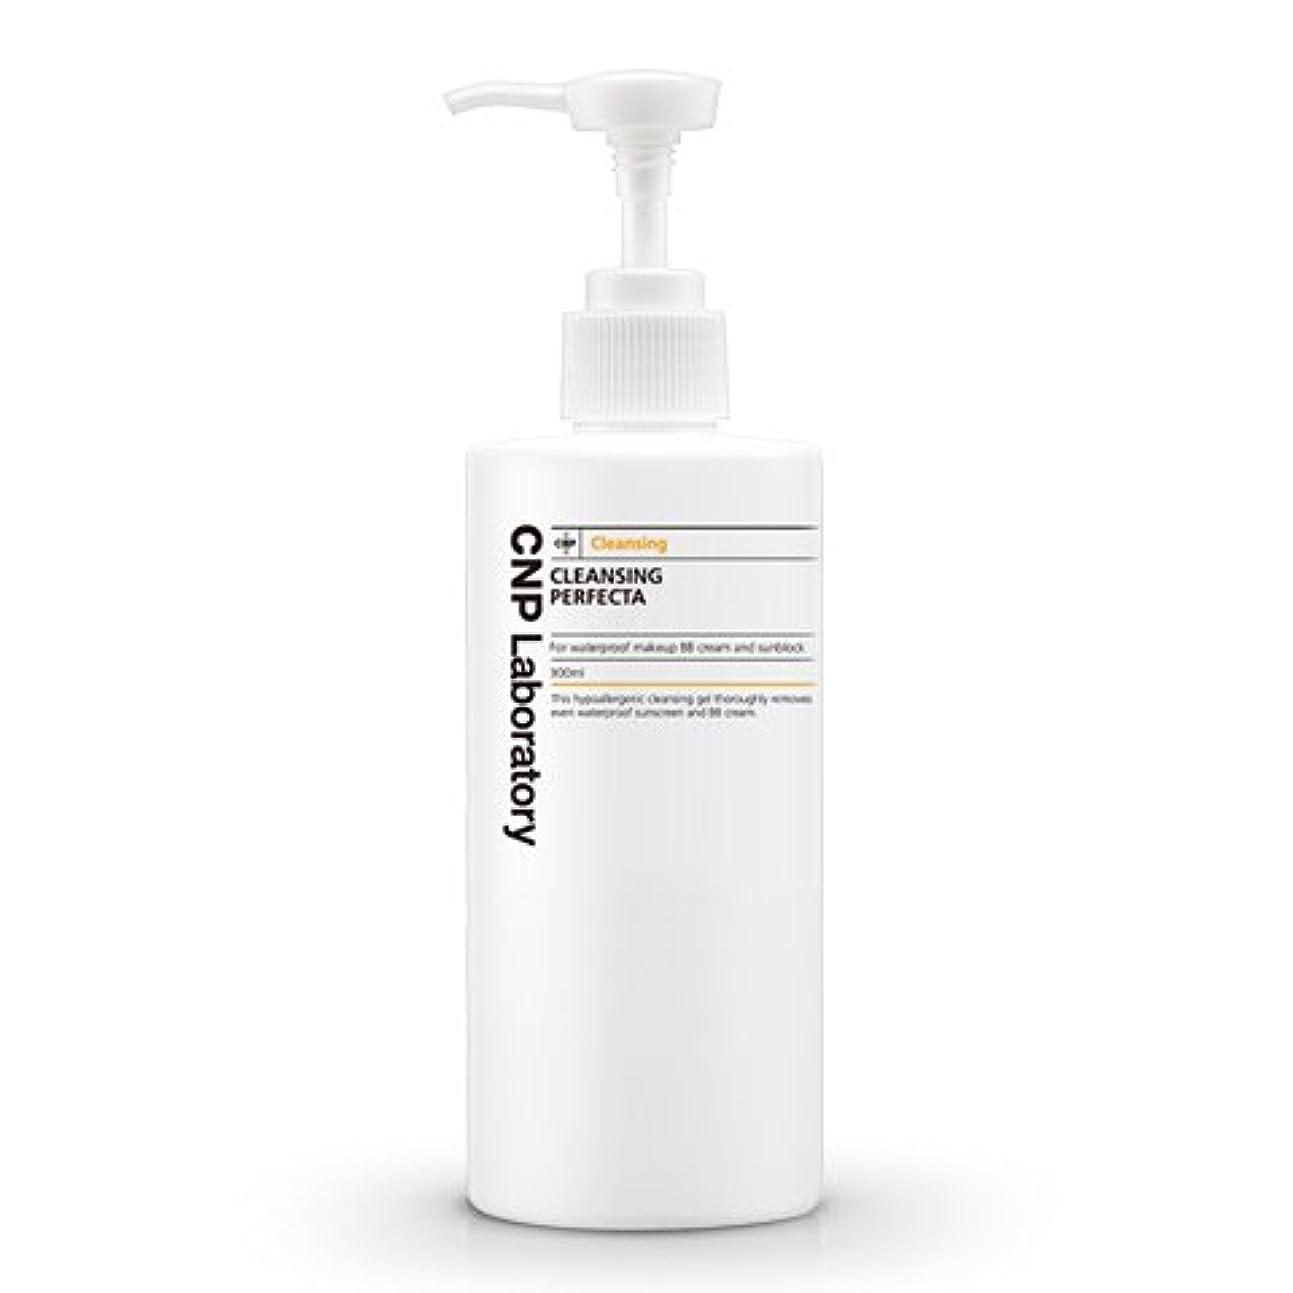 バラバラにするアクセサリー不忠CNP Laboratory クレンジングパーフェクタ/Cleansing Perfecta 300ml [並行輸入品]